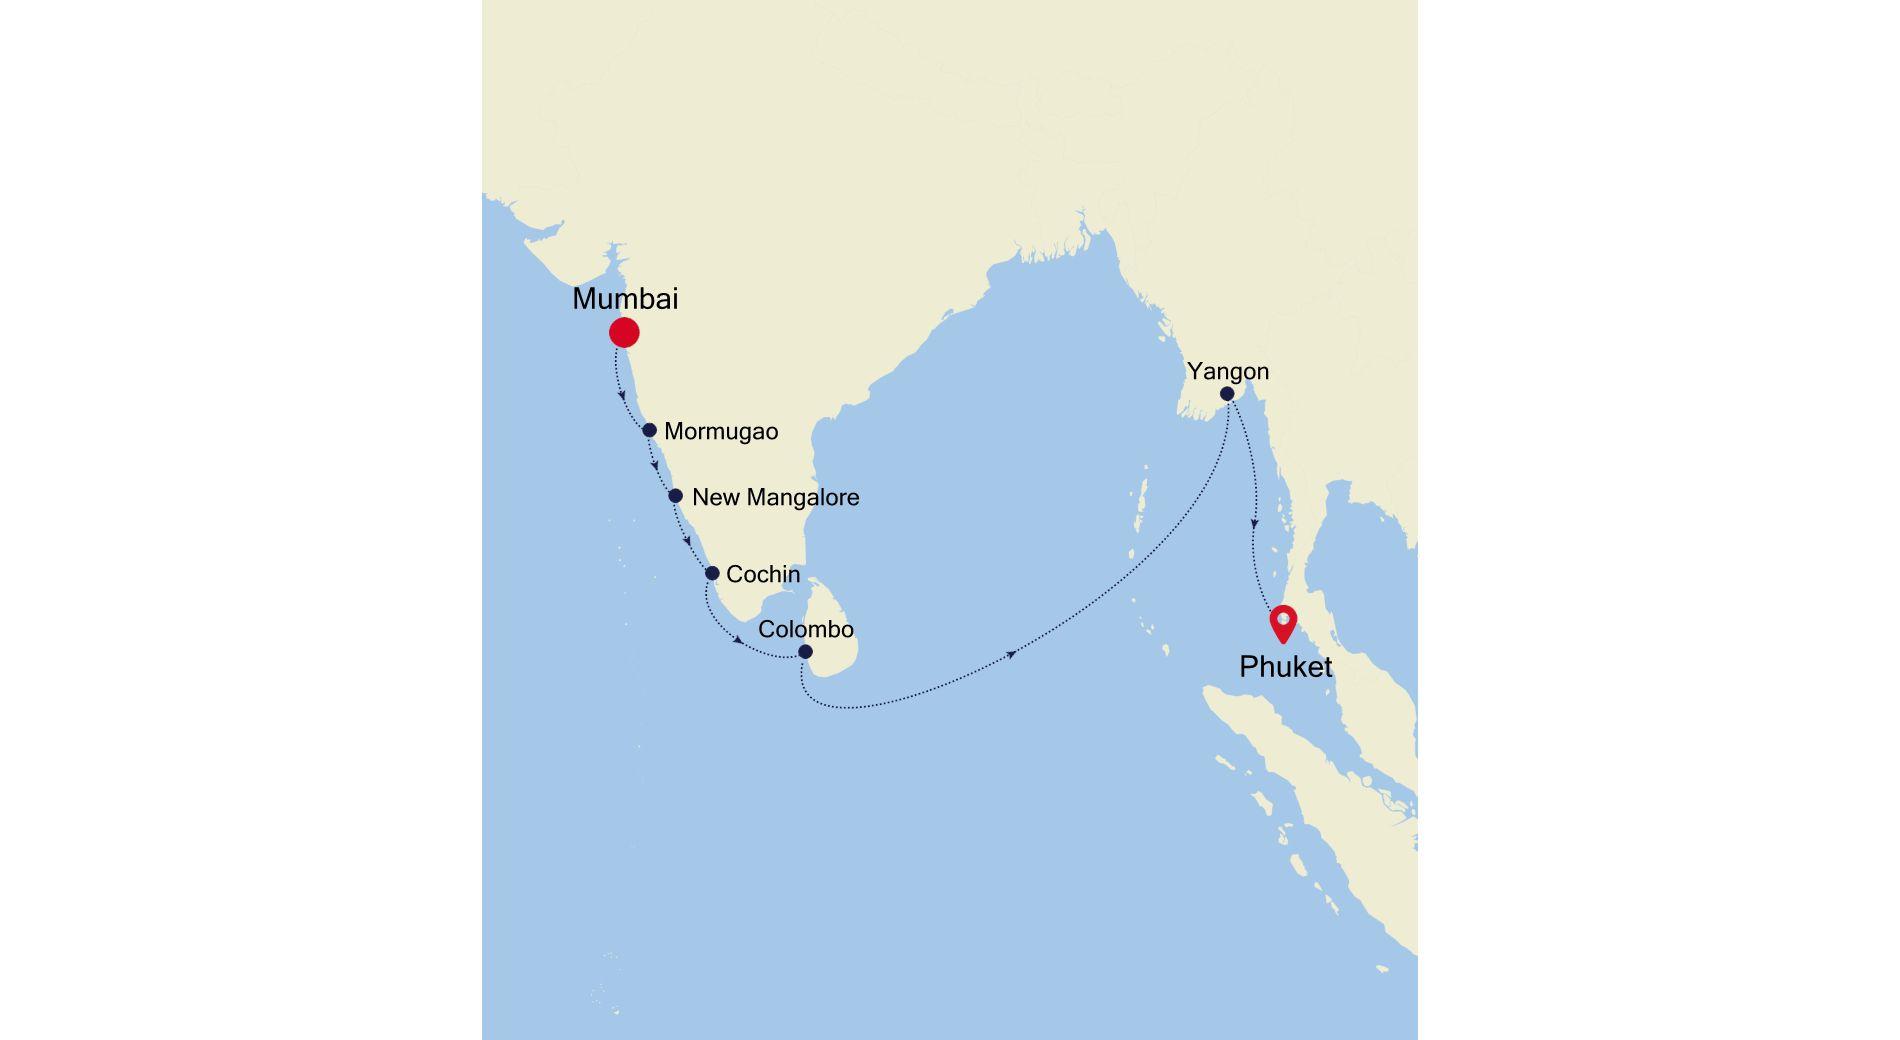 SL201201015 - Mumbai a Phuket